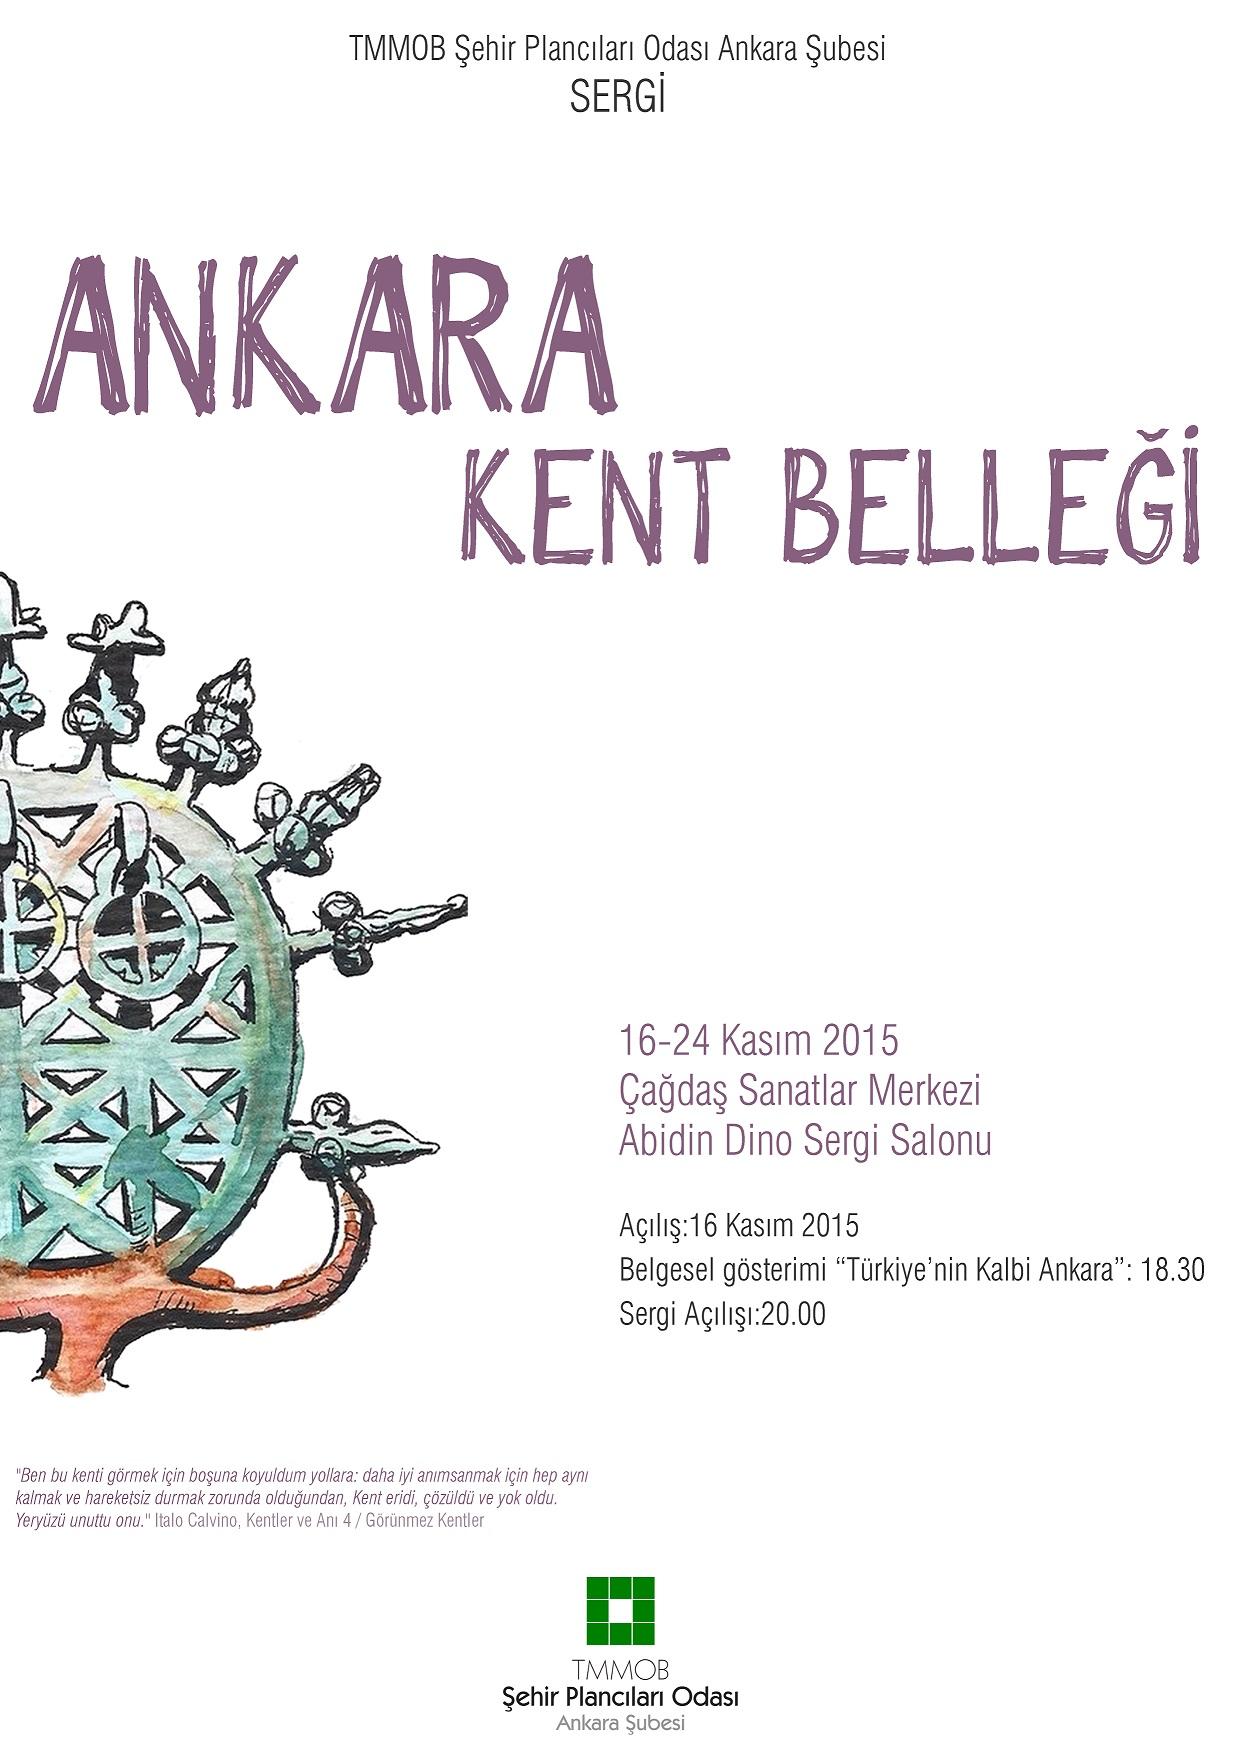 Ankara'da Kent Belleği Sergisi